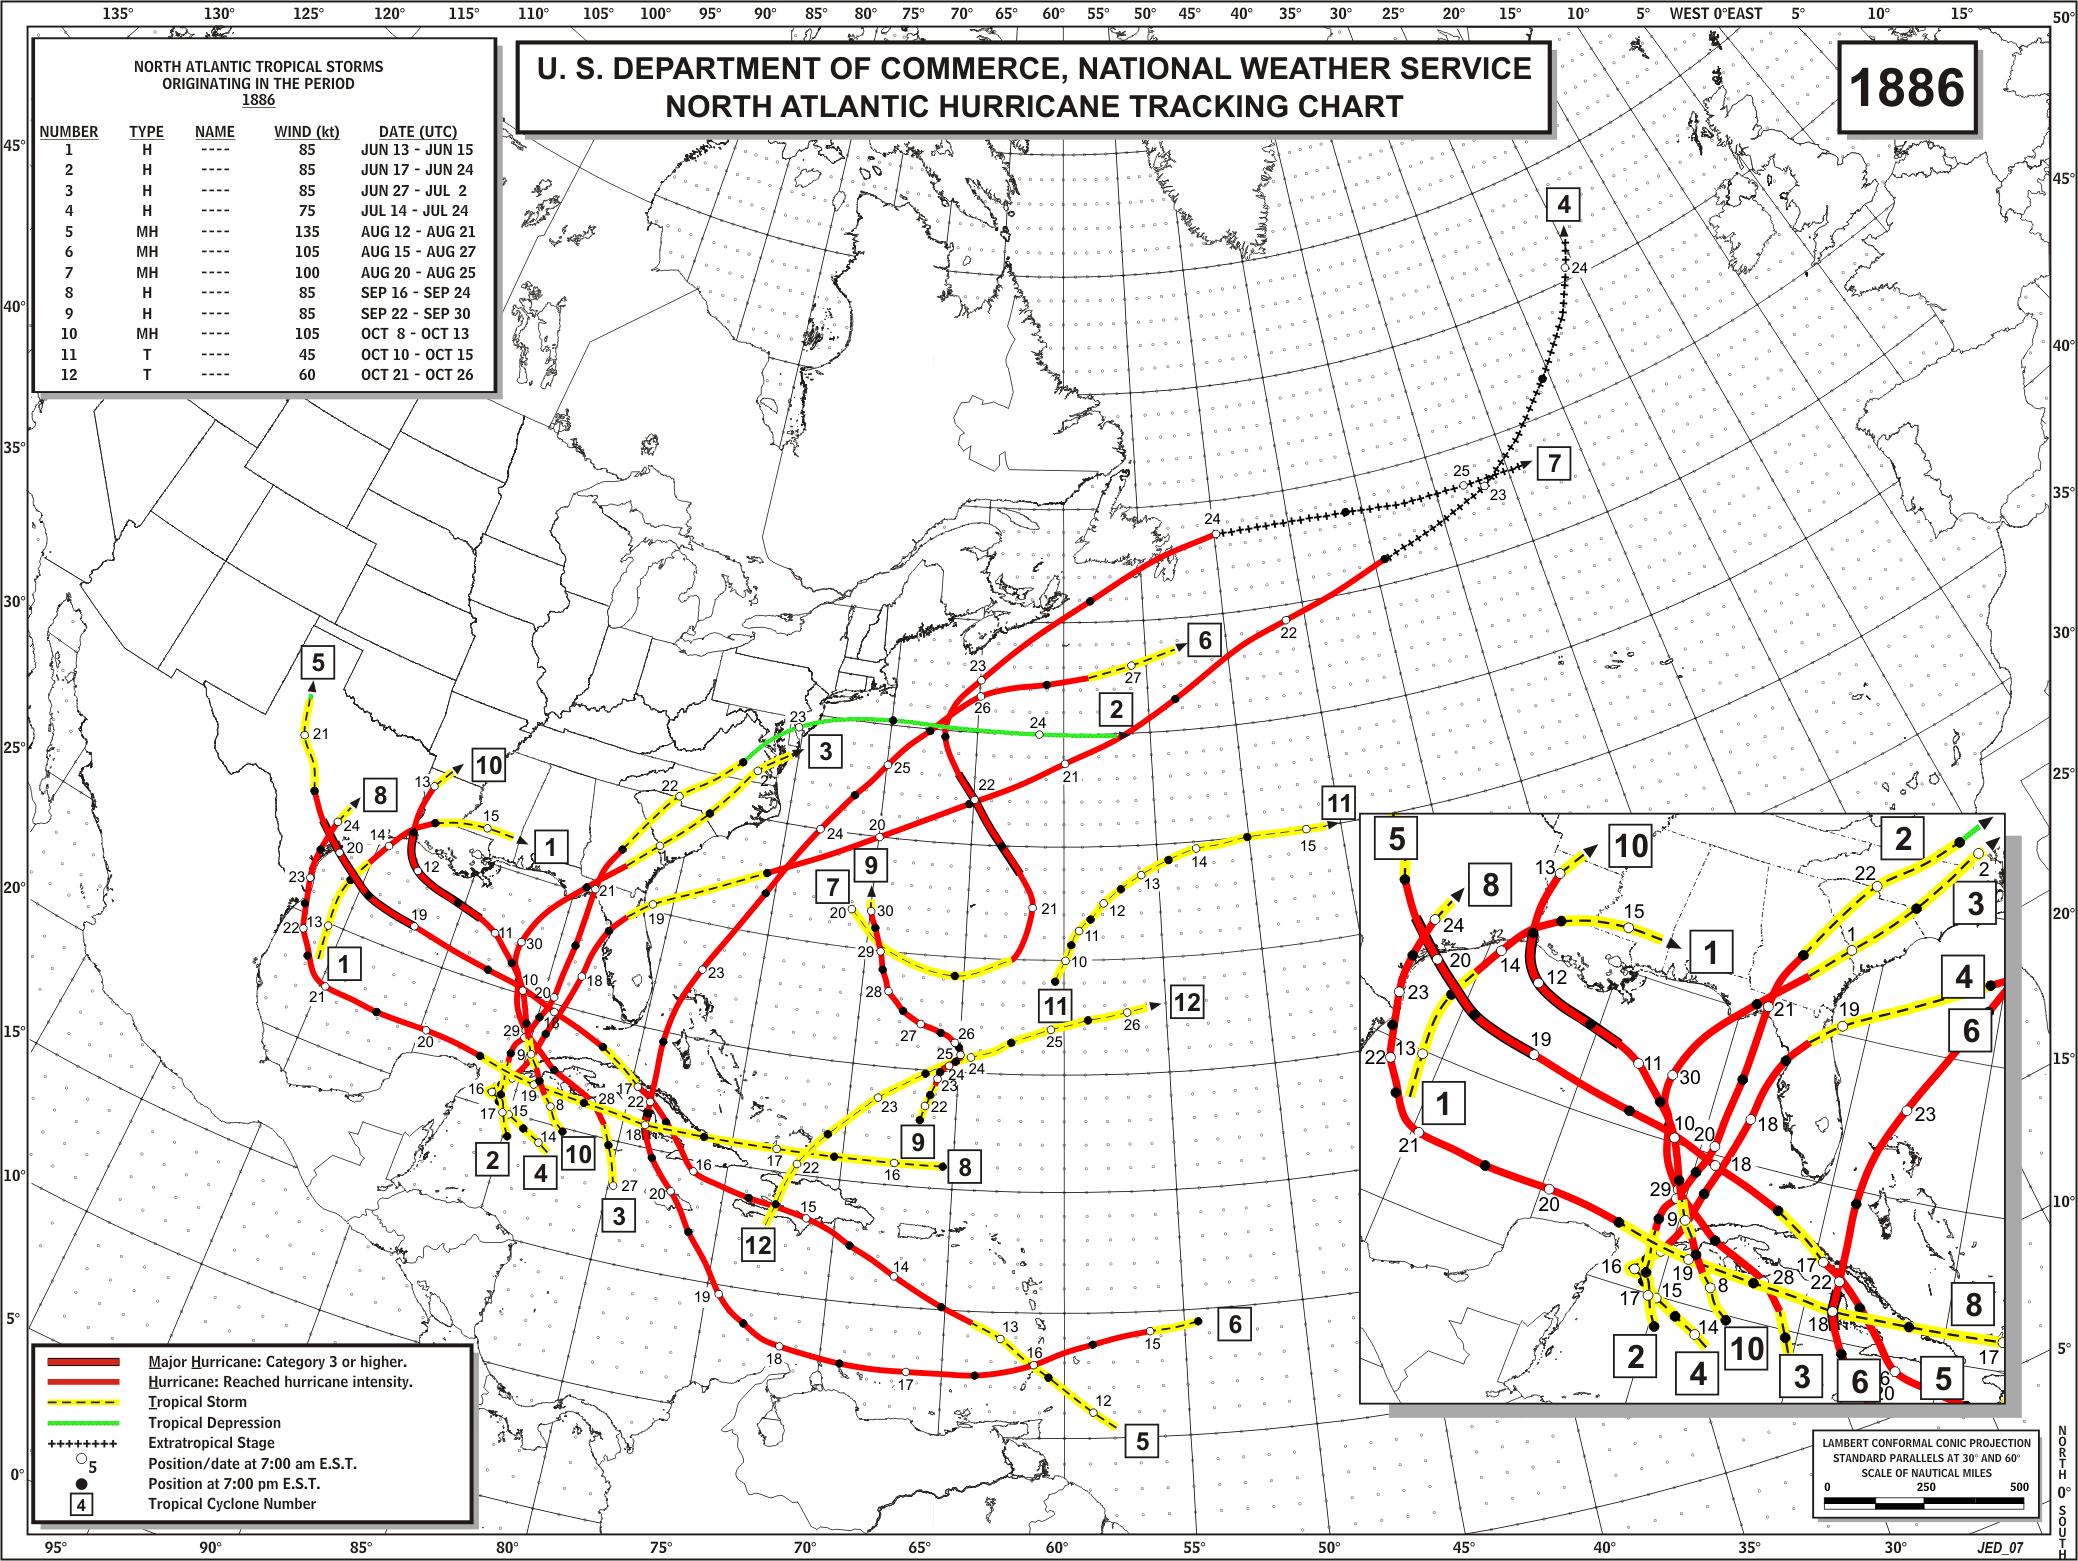 Climate Strike Wikipedia: 1886 : America's Busiest Hurricane Season